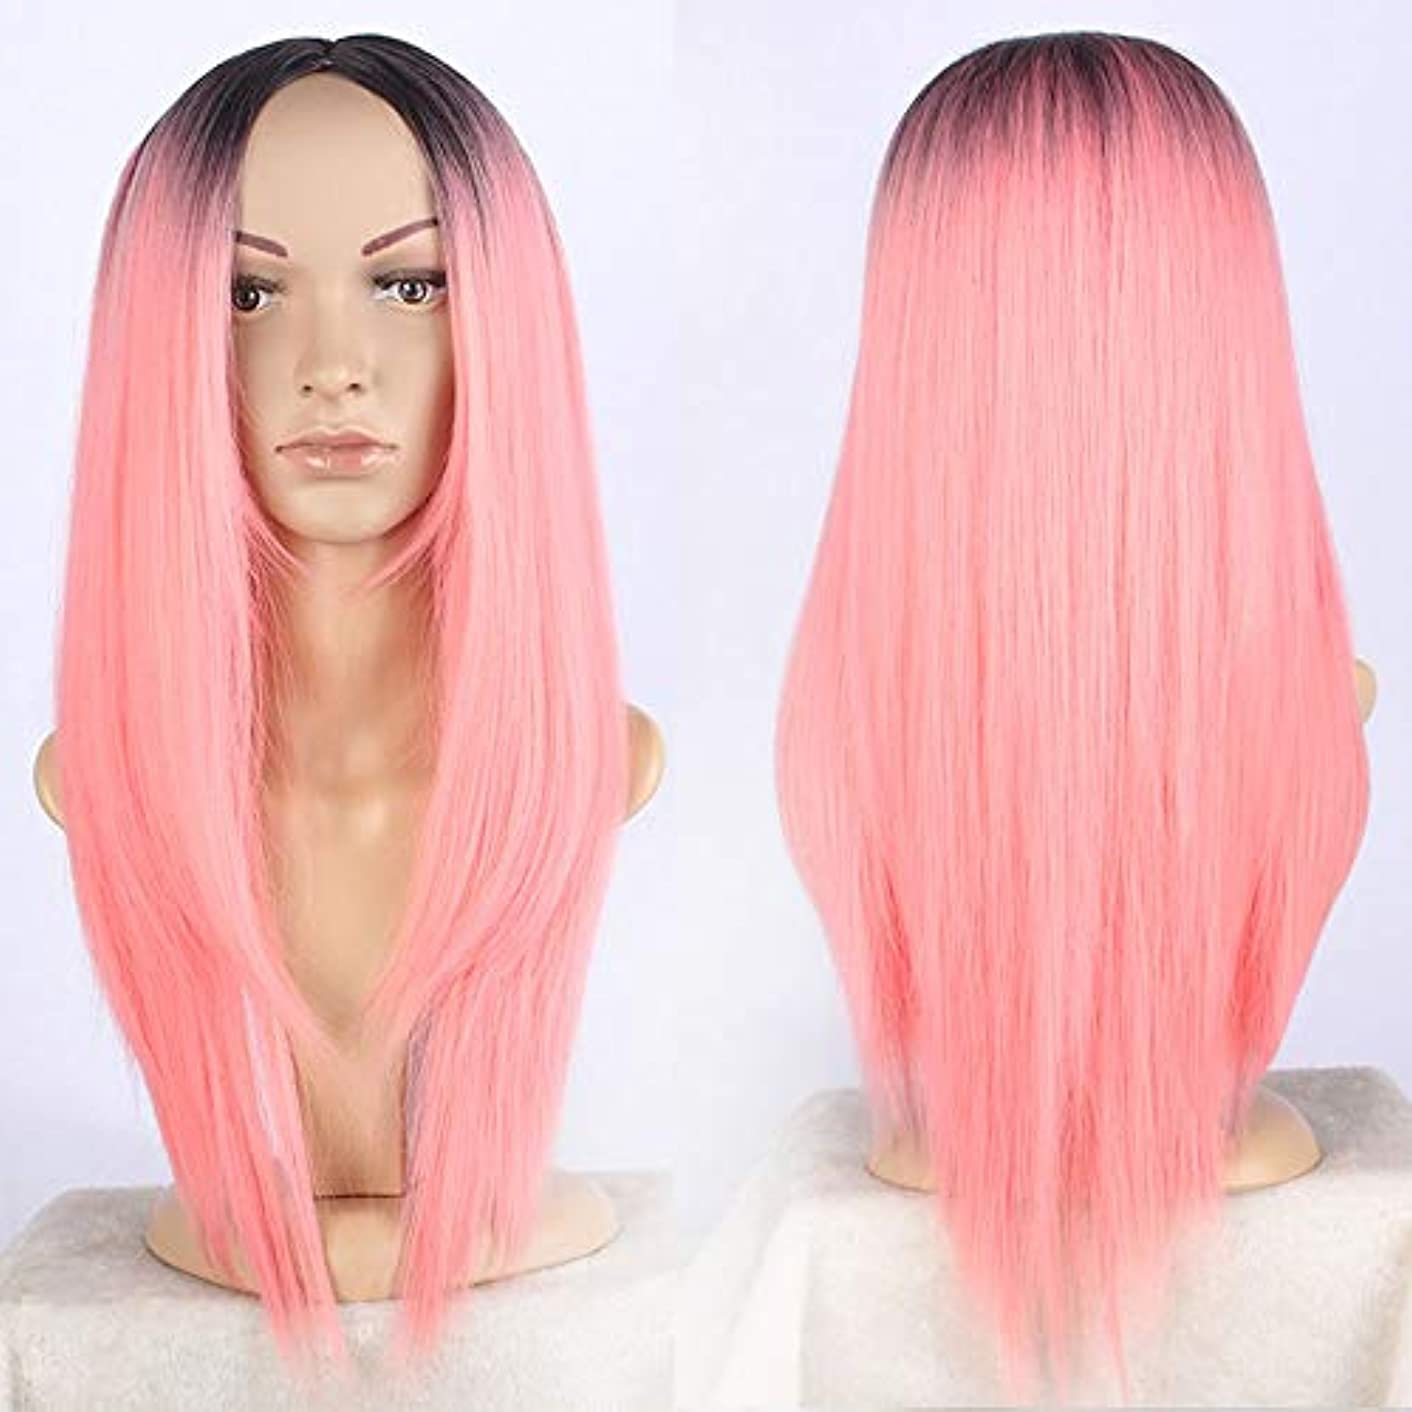 ほうき四回する必要があるWASAIO 女性のためのピンクのかつらダークルーツ自然に見えるストレートフルウィッグデイリードレス耐熱ブロンドアクセサリーヘアスタイルの交換 (色 : ピンク)